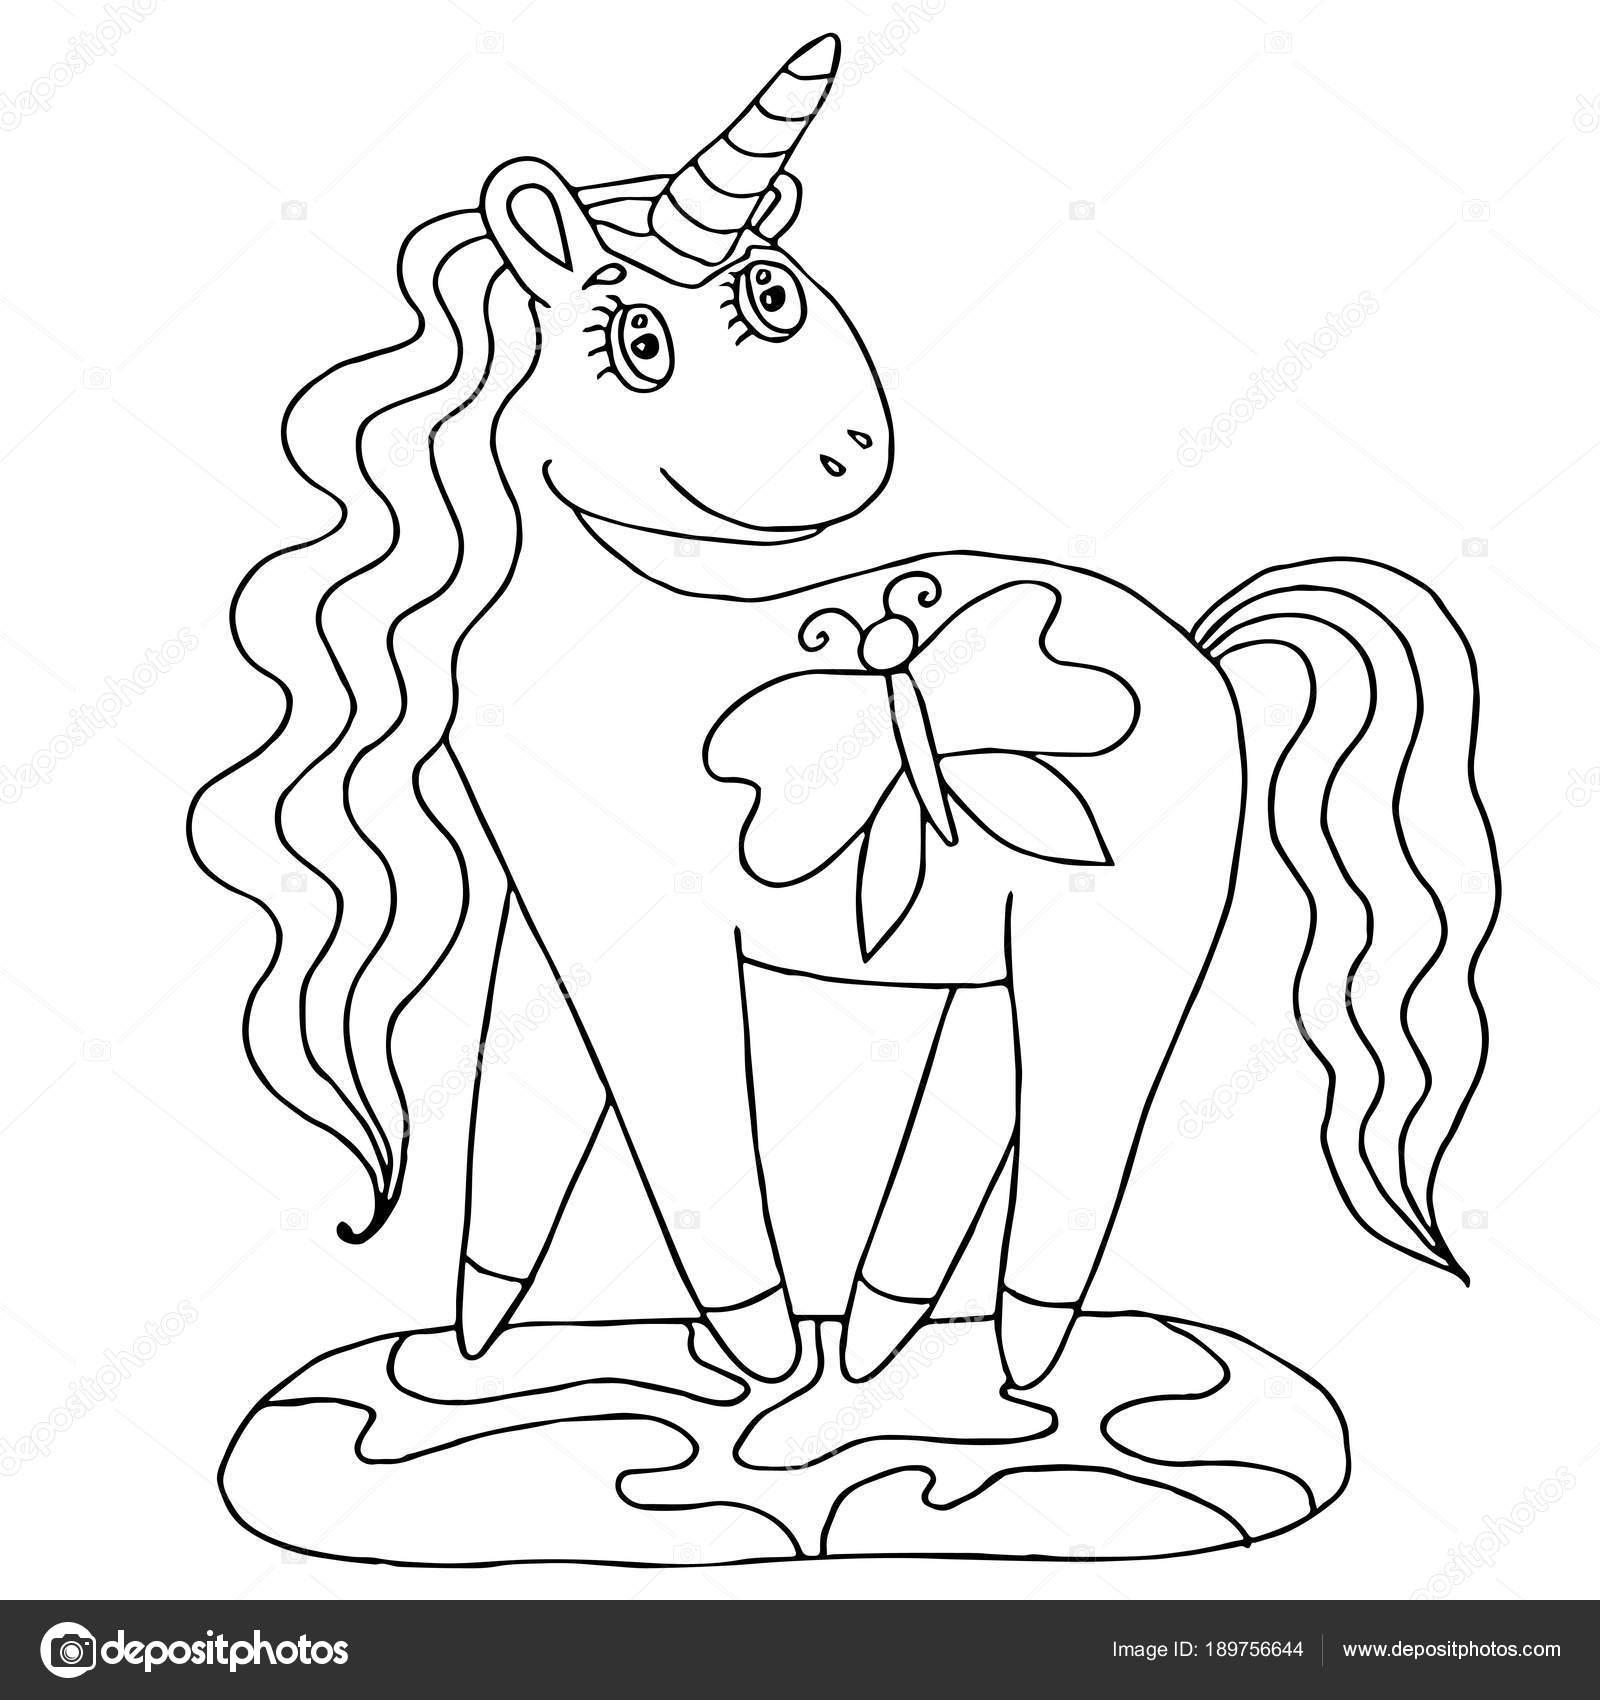 Unicornio para colorear libro — Archivo Imágenes Vectoriales ...